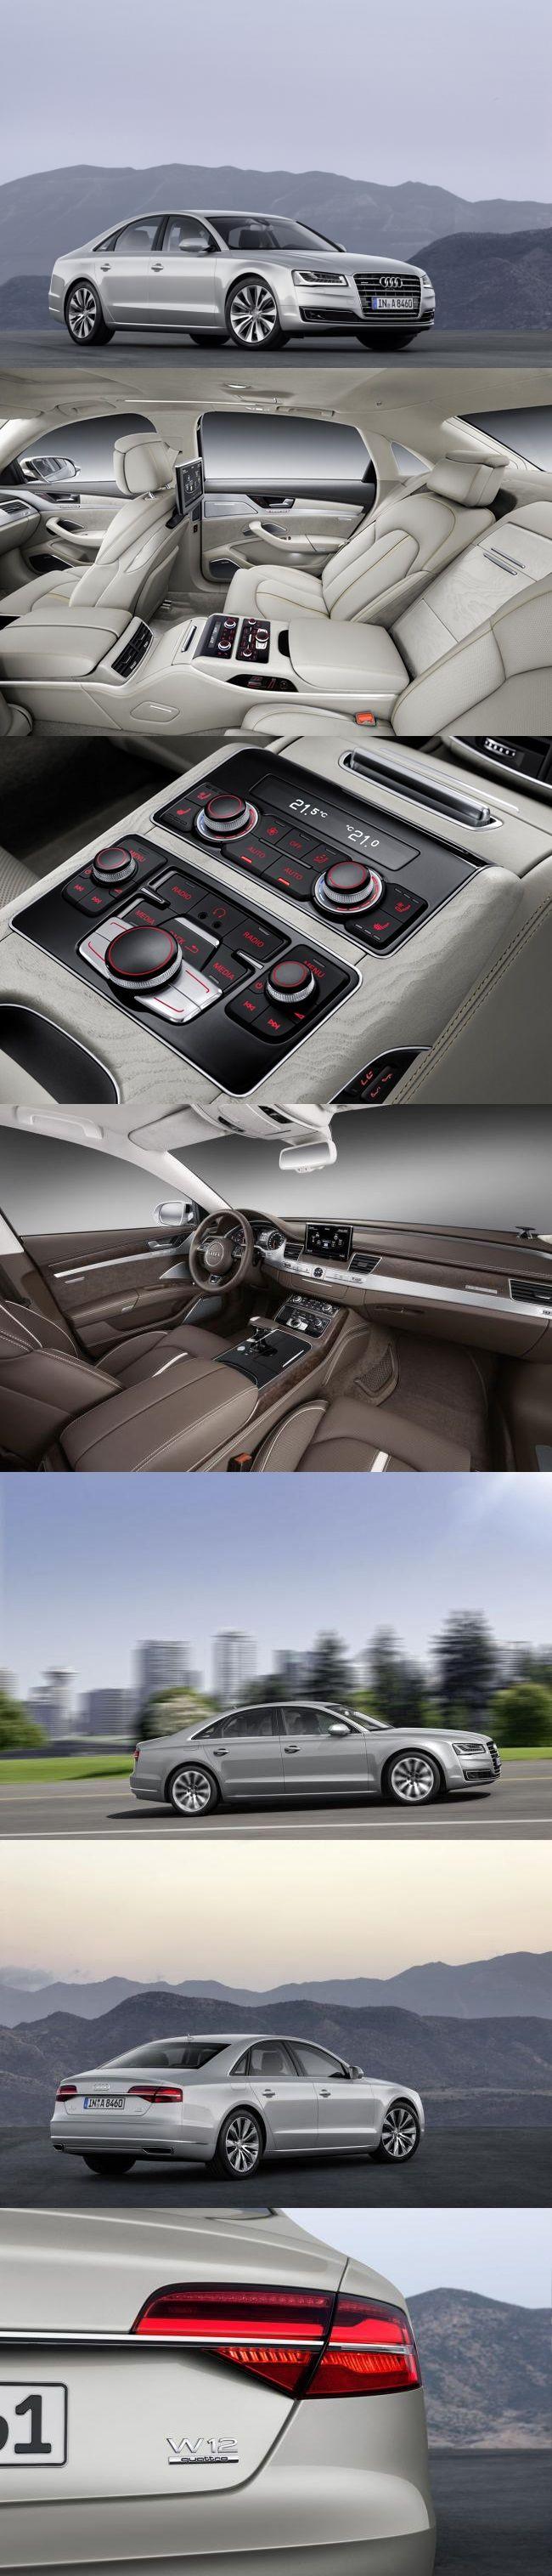 #Audi #A8 2013 #Algérie L'Audi R8 coupé. Ses courbes athlétiques sont le signe…